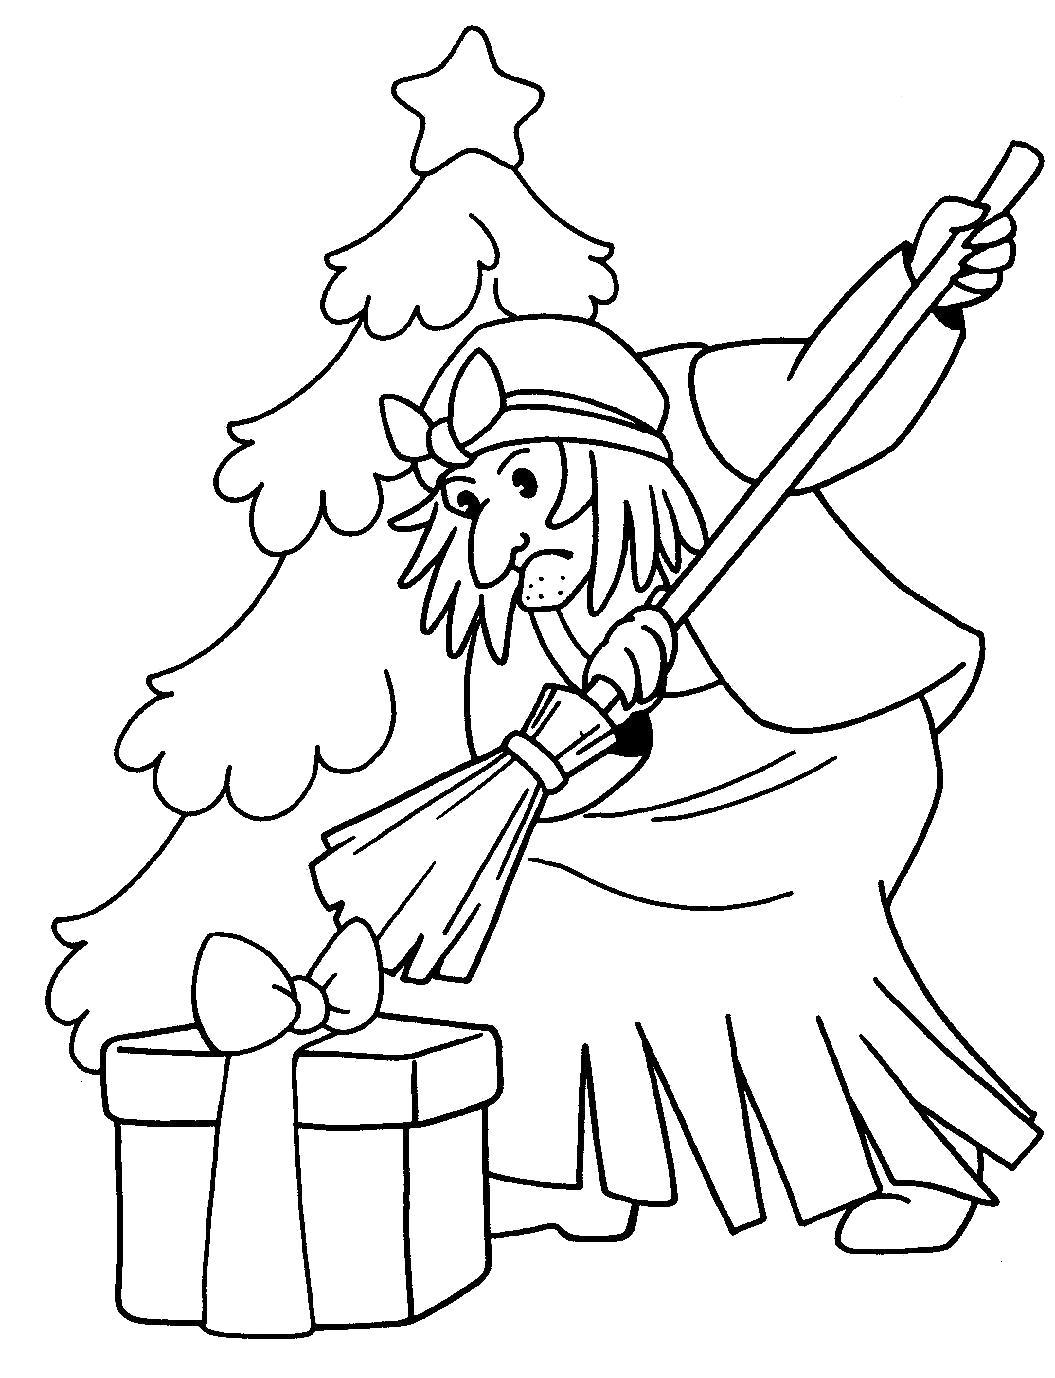 Название: Раскраска Баба Яга. Раскраски для детей.. Категория: герои сказок. Теги: баба яга.